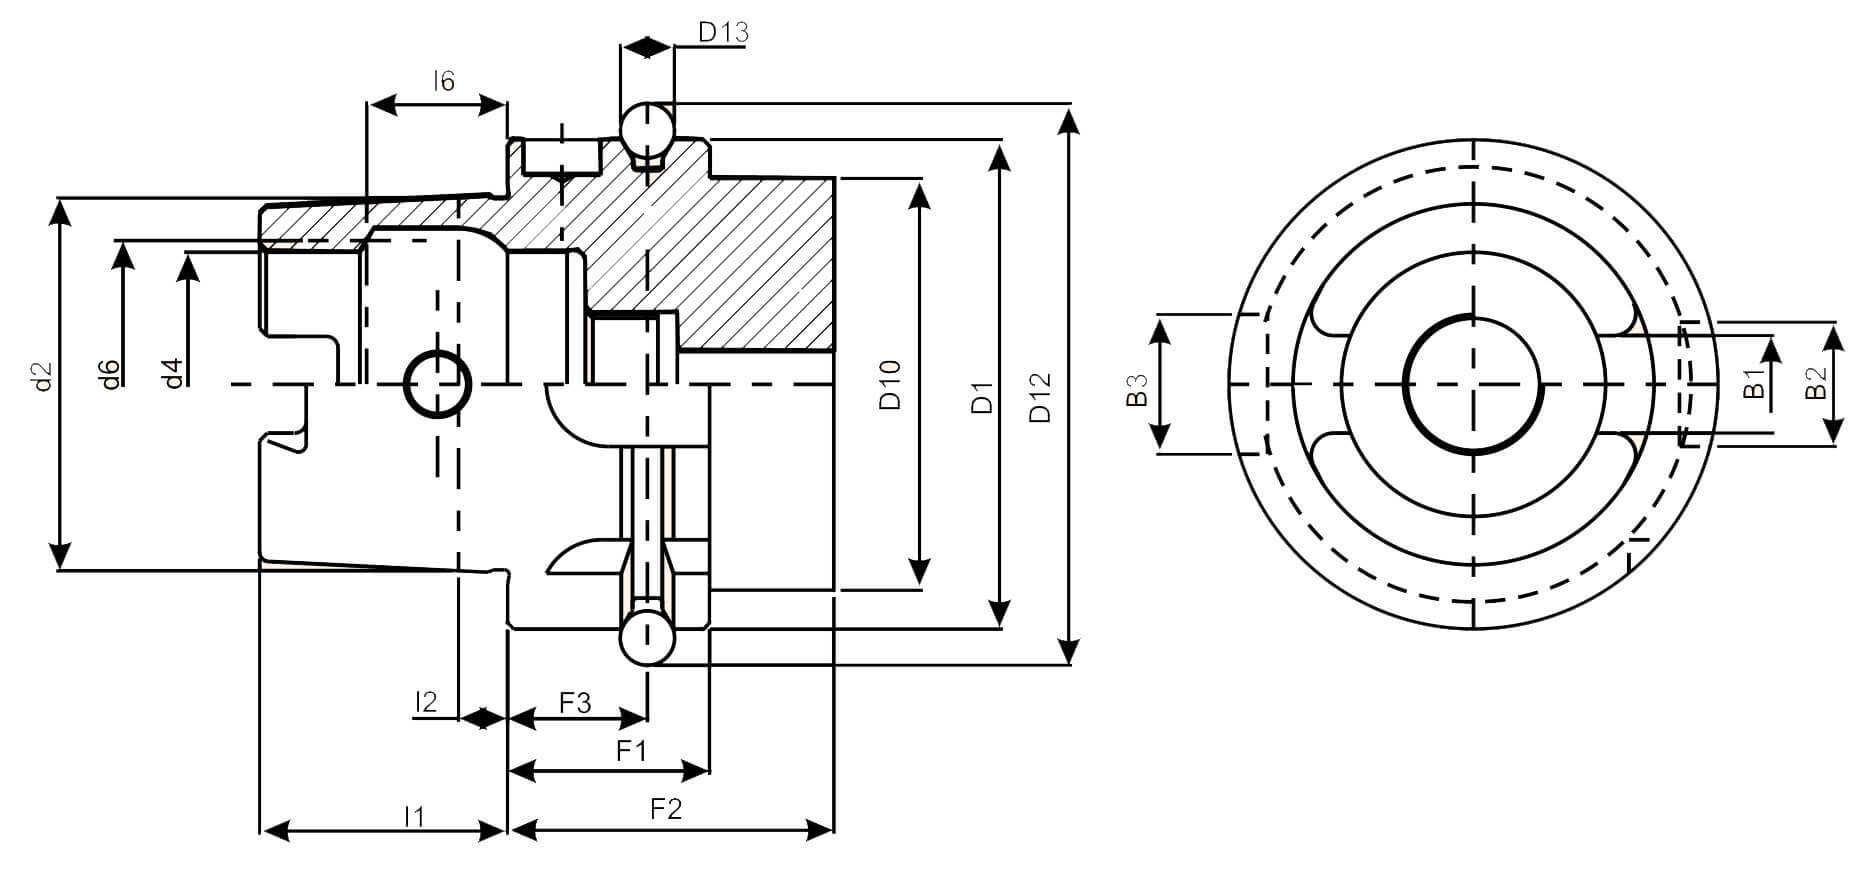 HSK Tool Holders (DIN 69893-1)